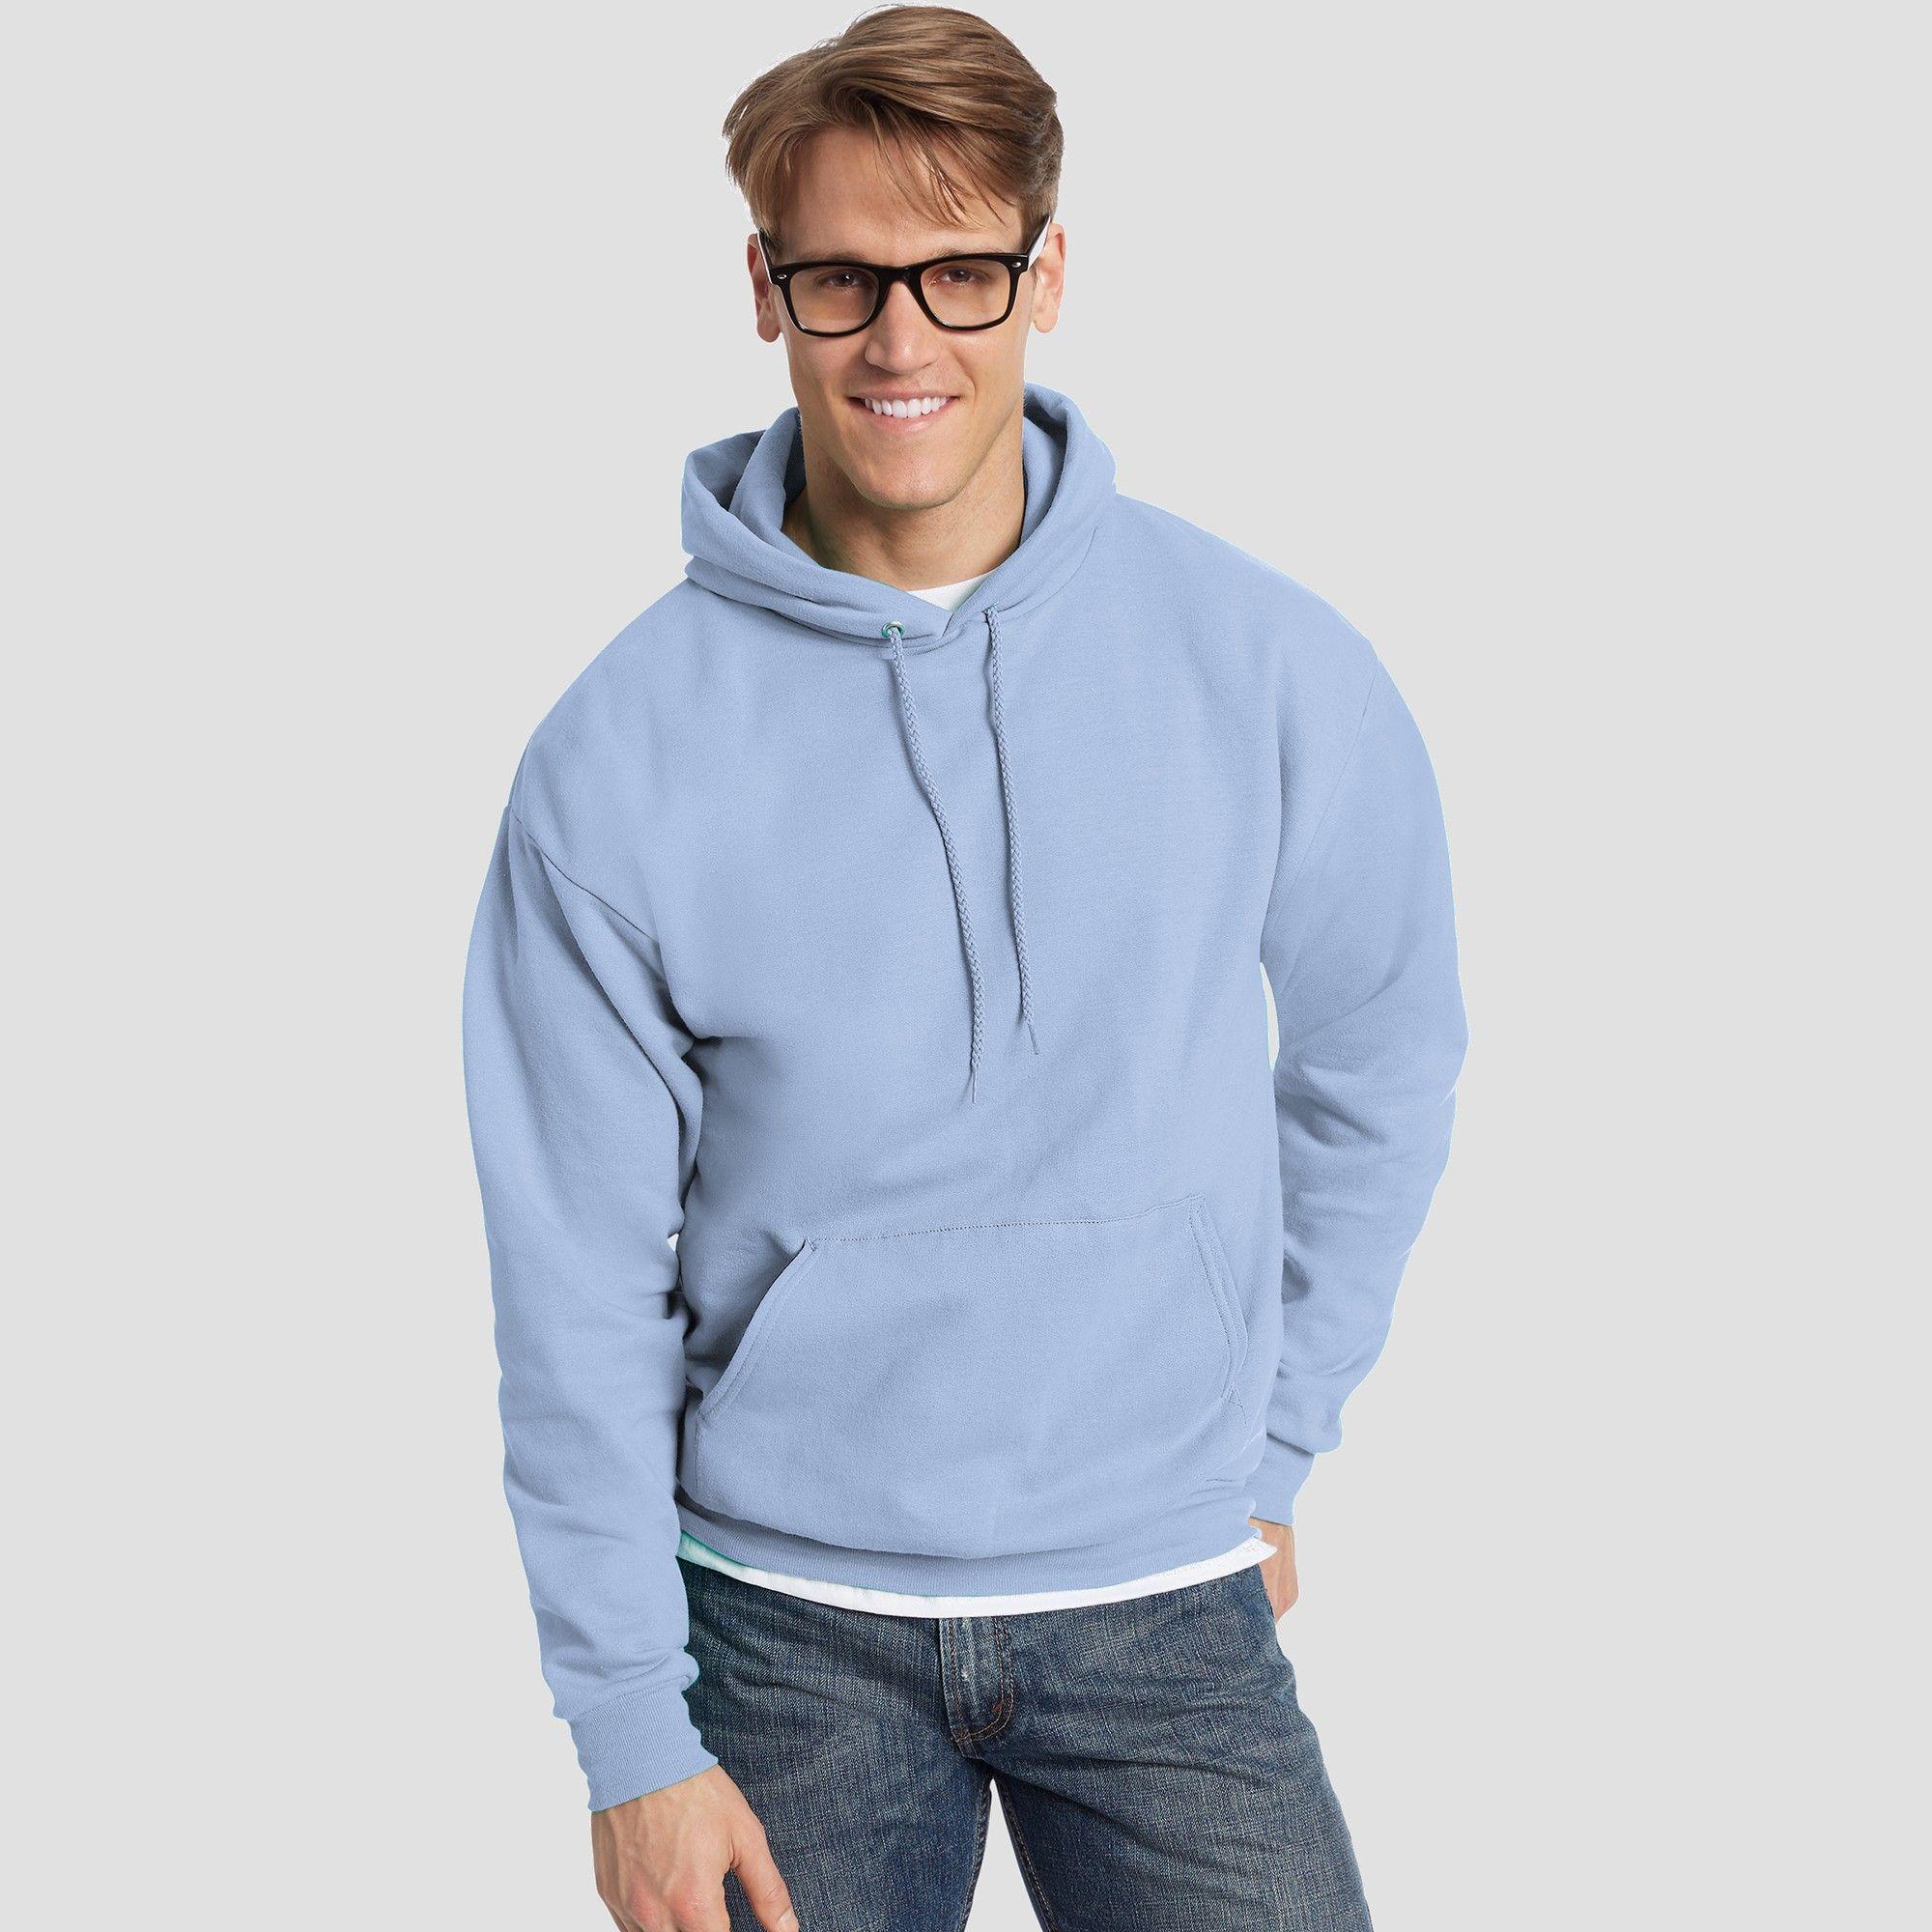 Men Polo Ralph Lauren Pull Over Hoodie Soft Touch Tech Fleece Size S M XXL